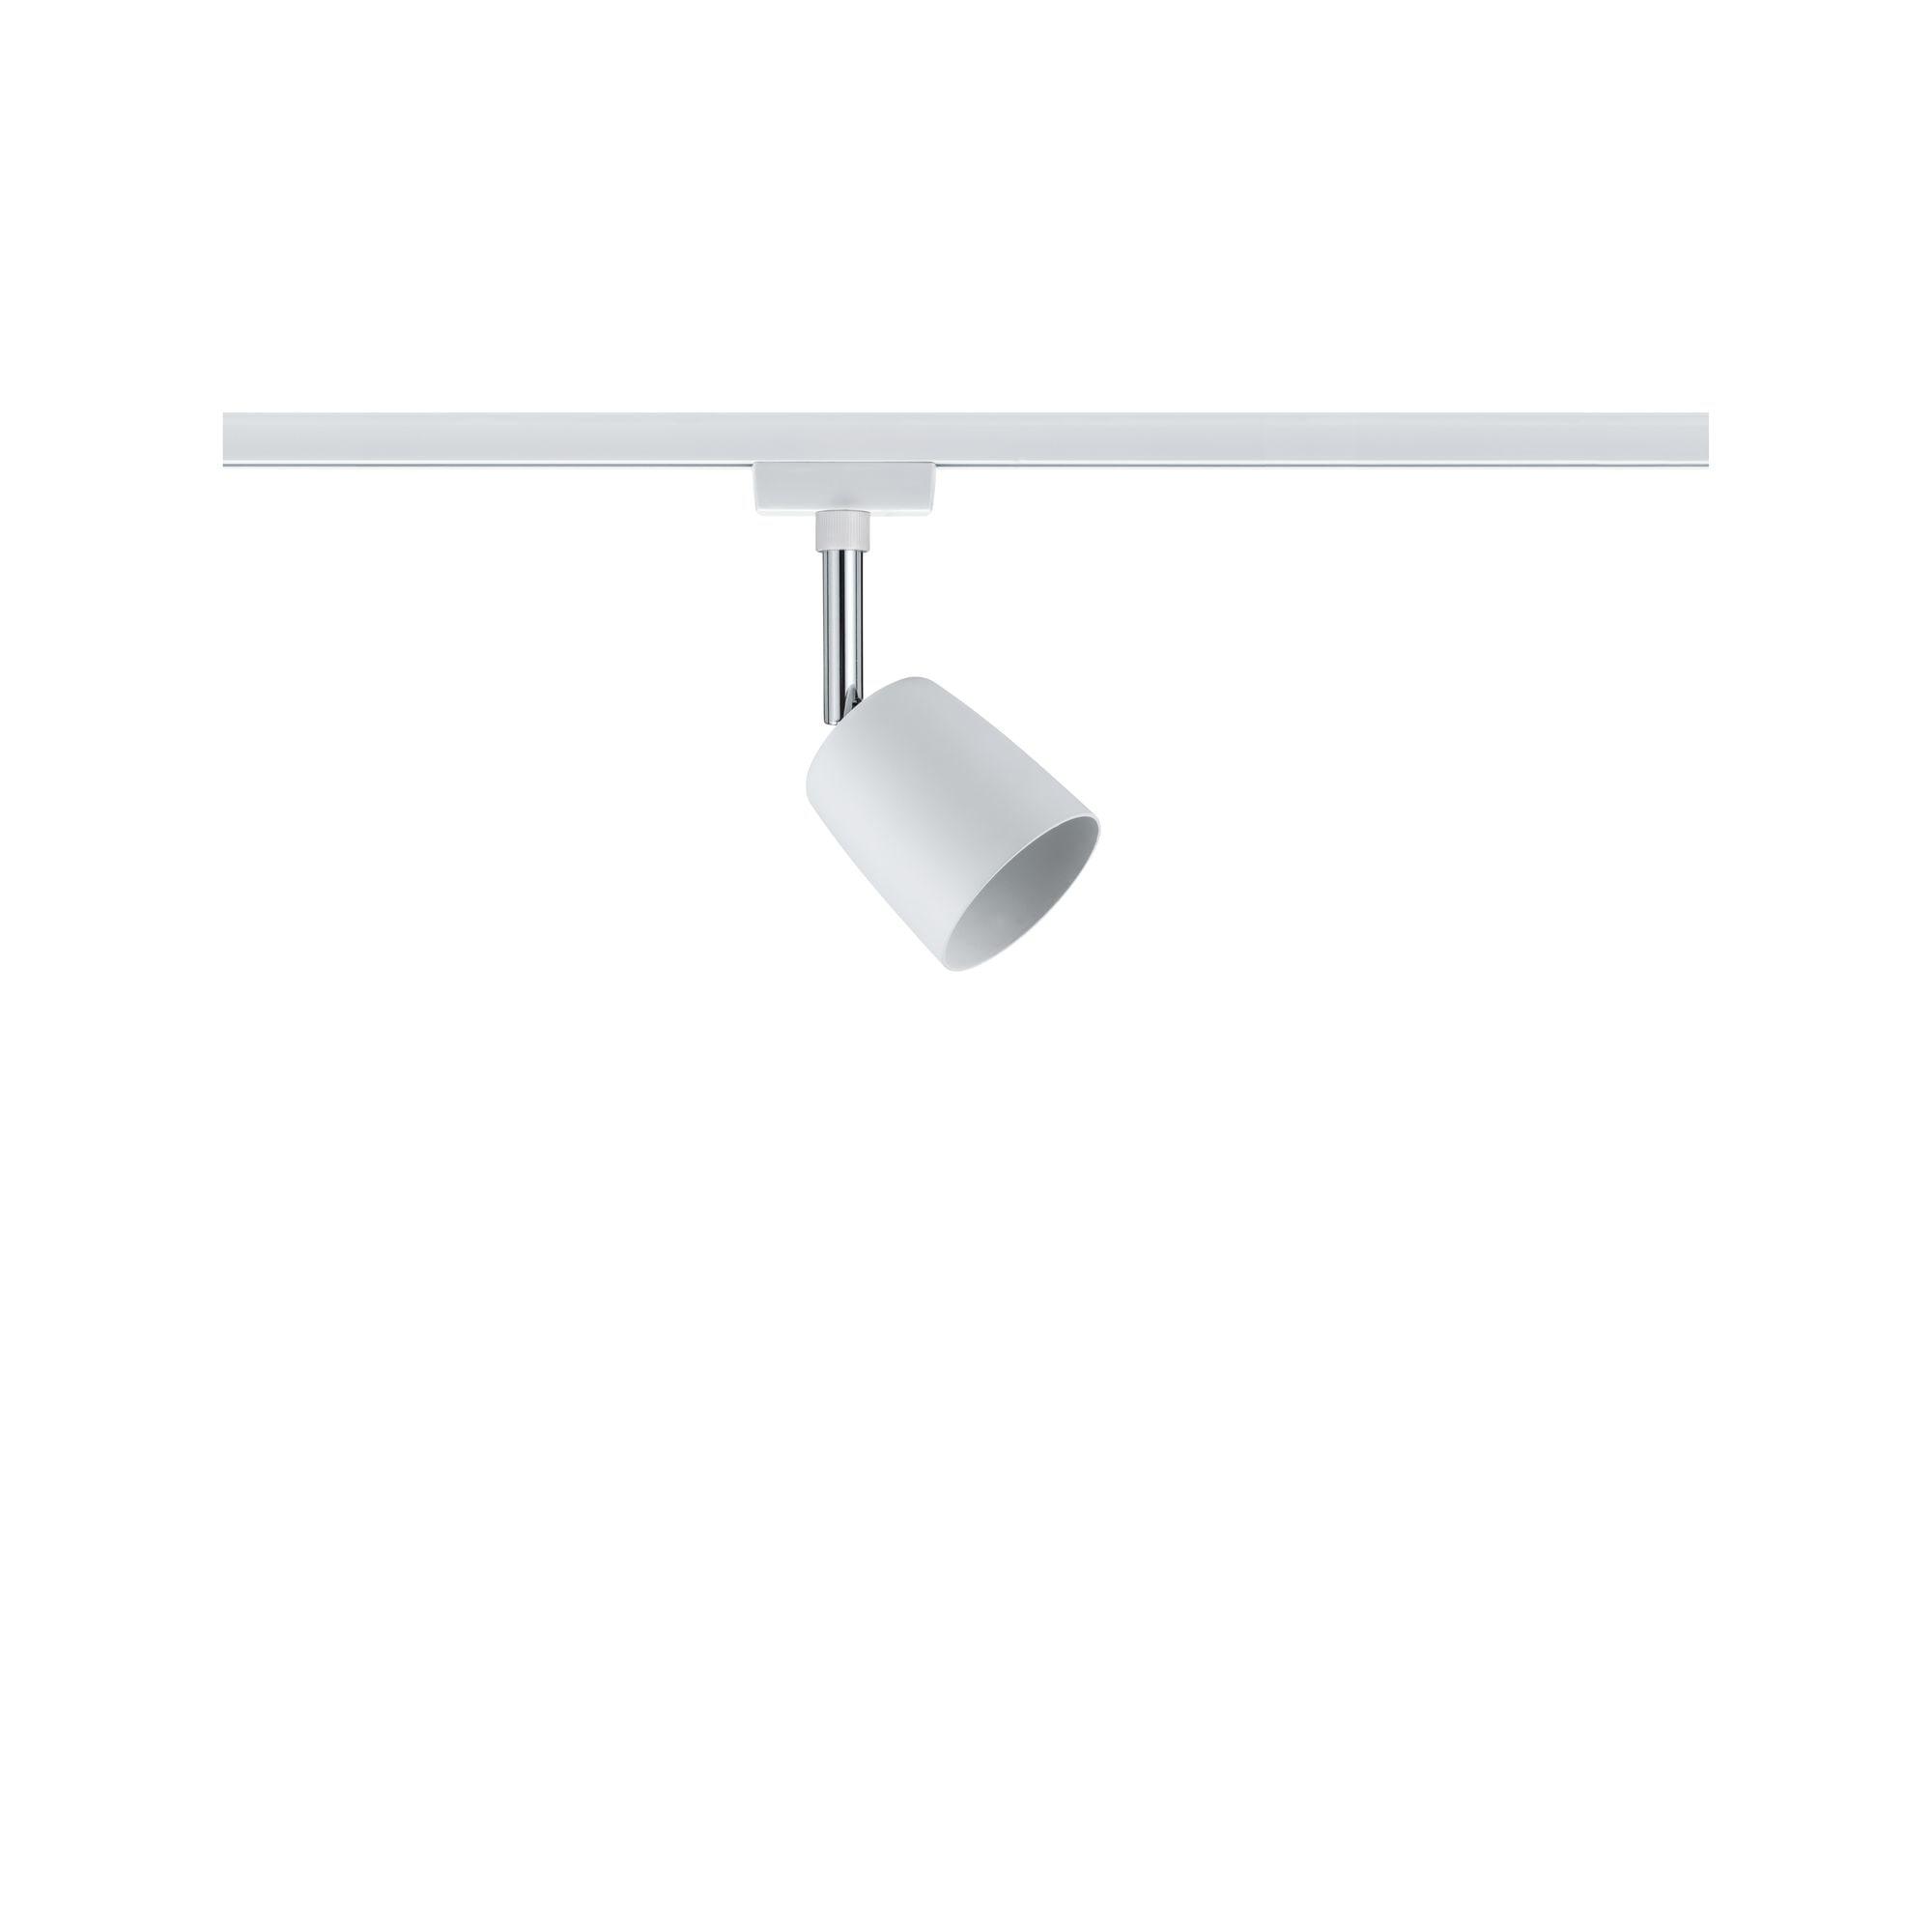 Paulmann,Deckenleuchte URail Spot Cover Weiß ohne Leuchtmittel max. 10W GU10